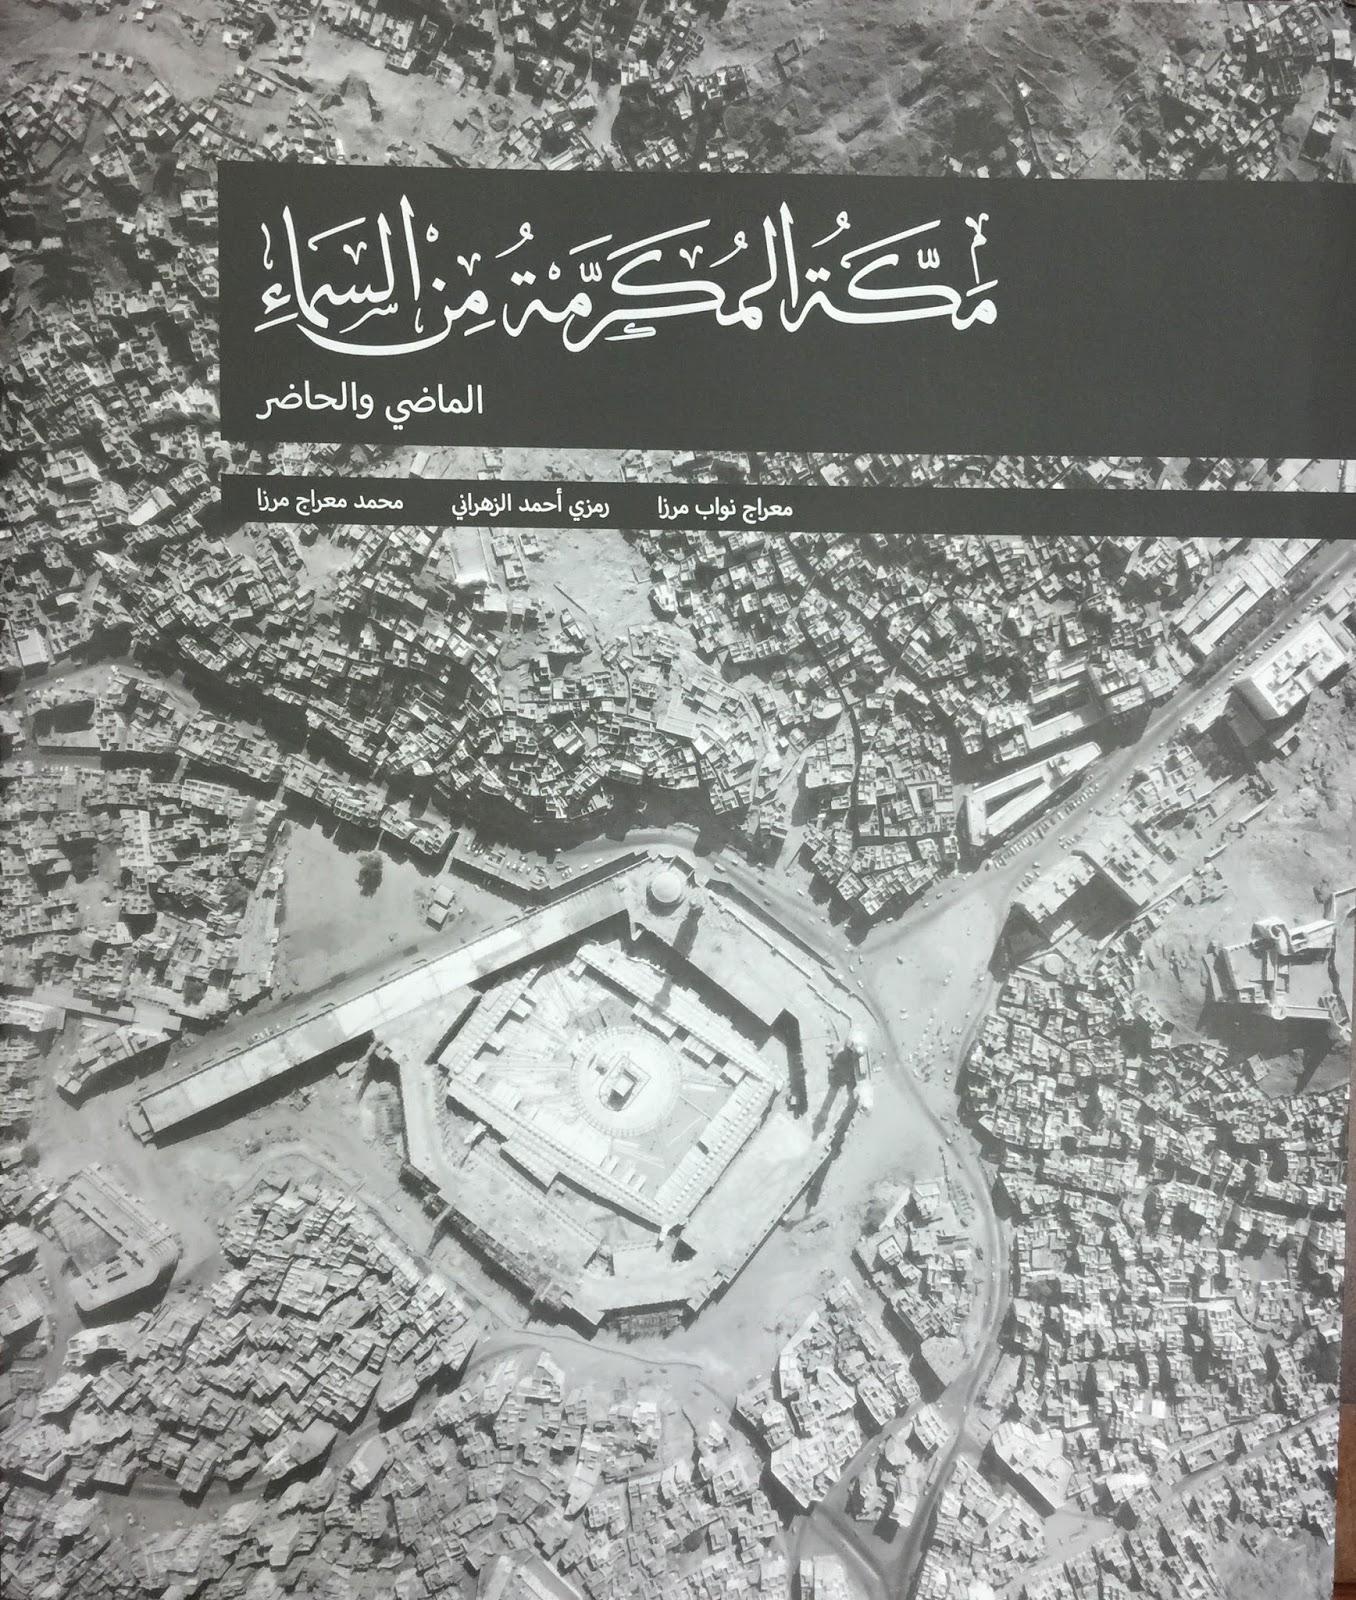 كتاب مكة المكرمة من السماء